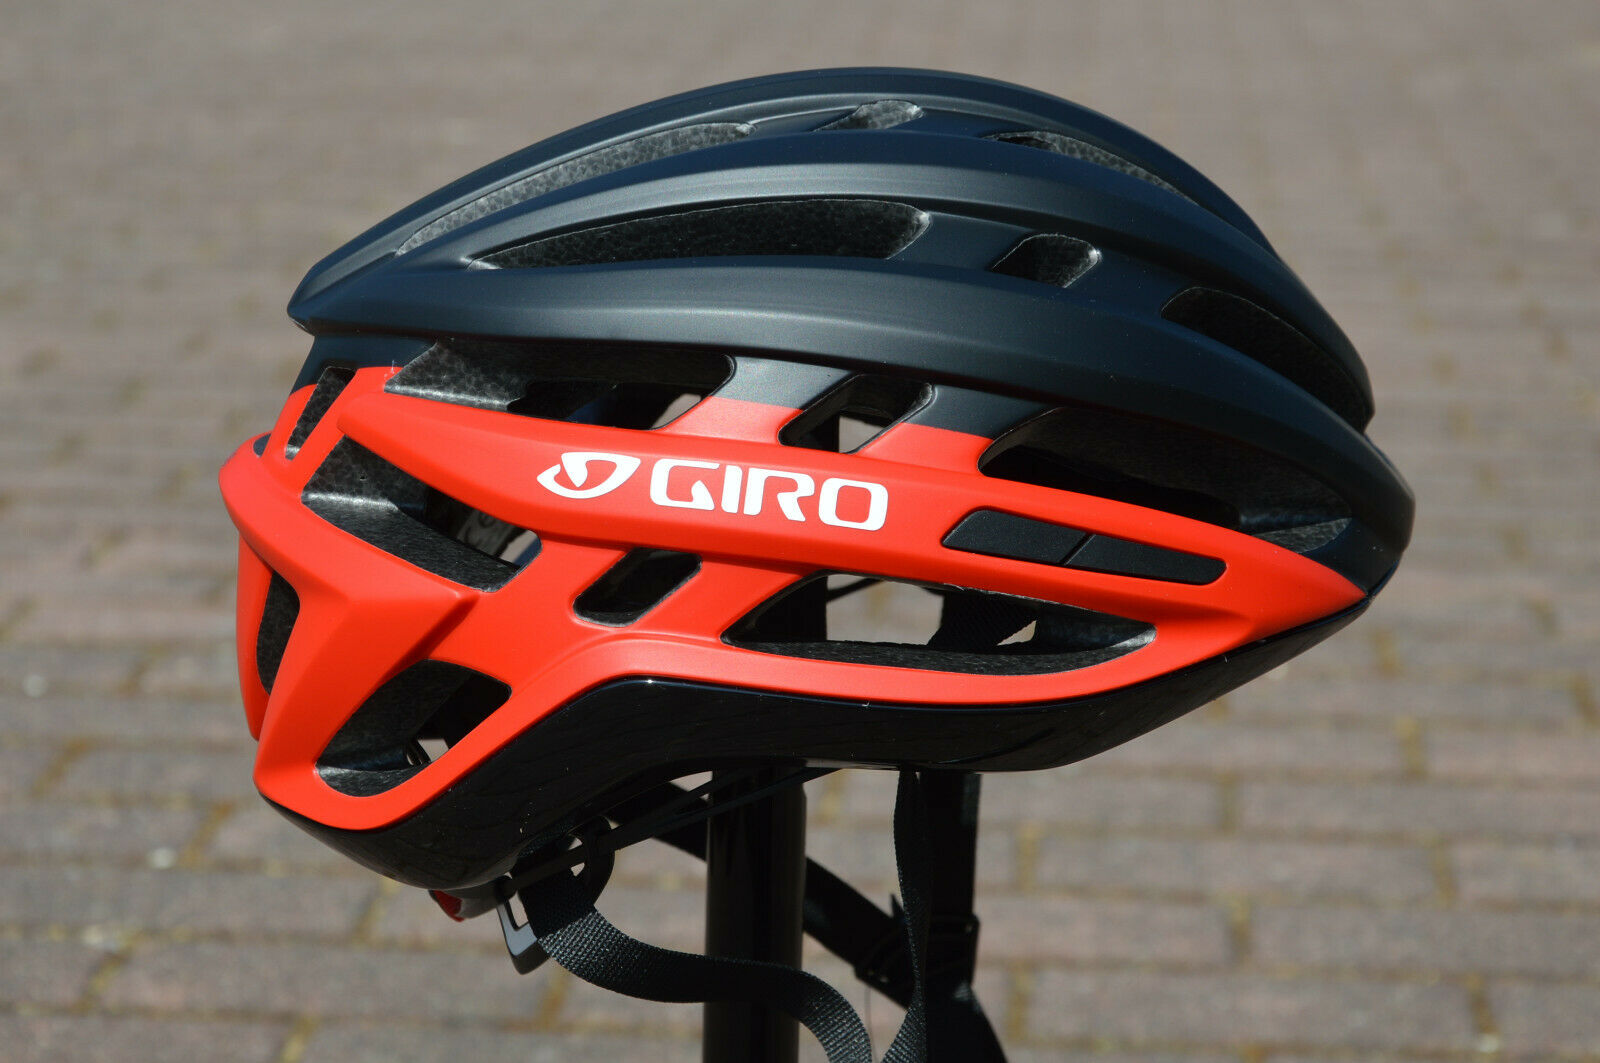 51-55cm Negro//Morado Giro Agilis W Casco de Ciclismo Road Mujer S